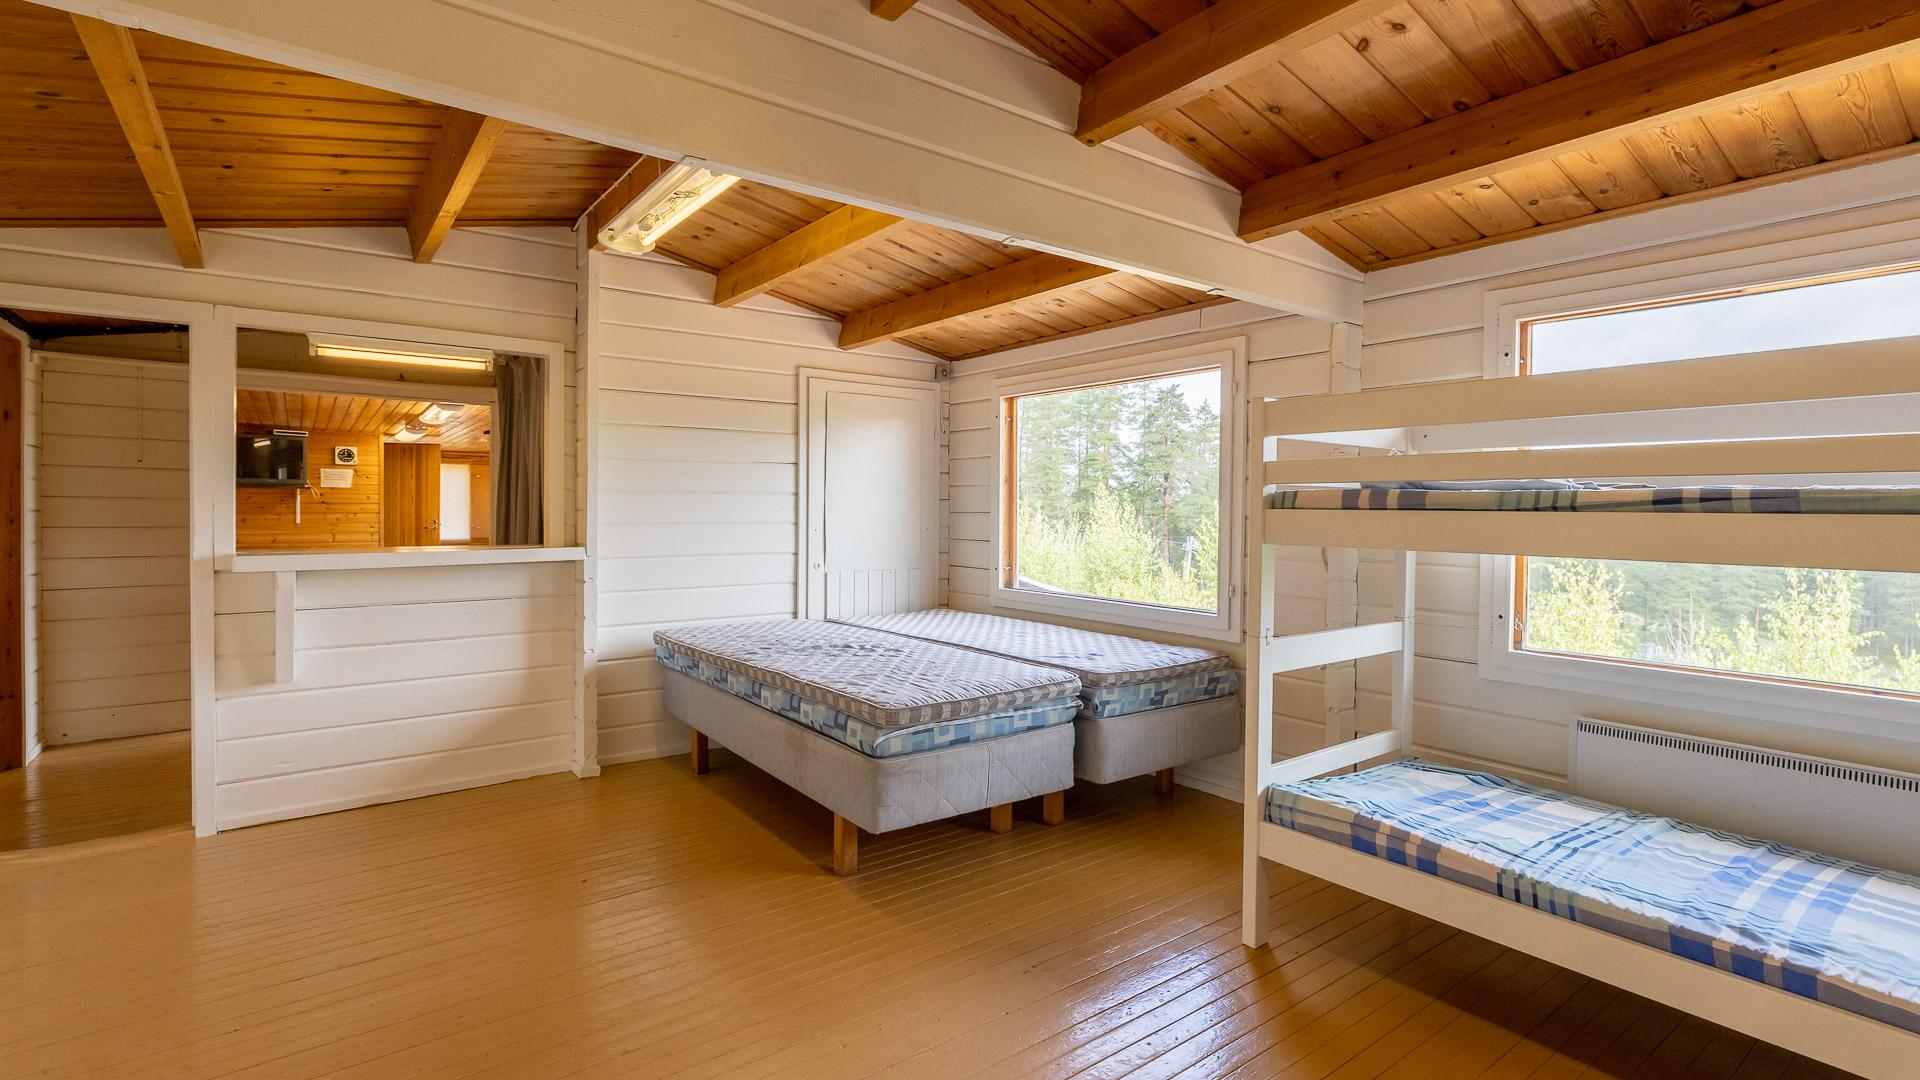 Niinimaja majoitus Jämijärvi